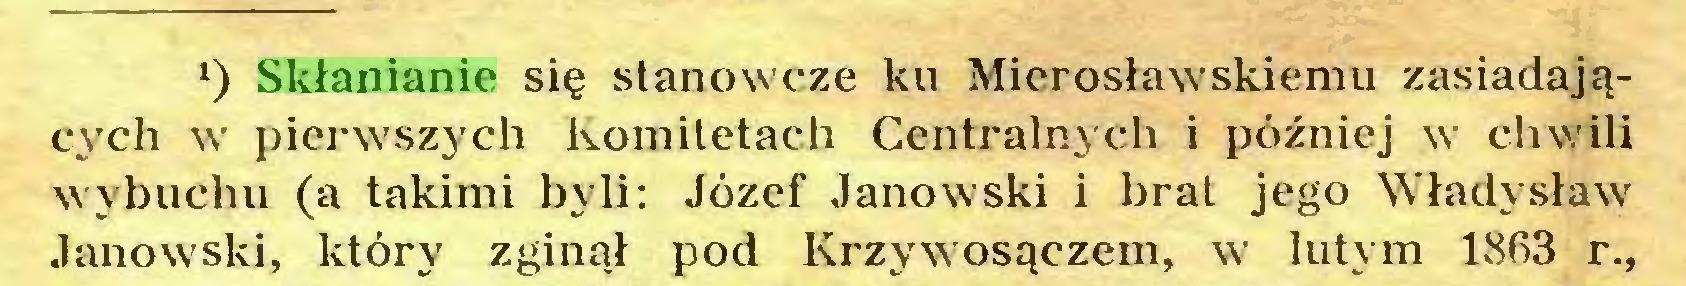 (...) l) Skłanianie się stanowcze ku Mierosławskiemu zasiadających w pierwszych komitetach Centralnych i później w chwili wybuchu (a takimi byli: Józef Janowski i brat jego Władysław Janowski, który zginął pod Krzywosączem, w lutym 18R3 r.,...